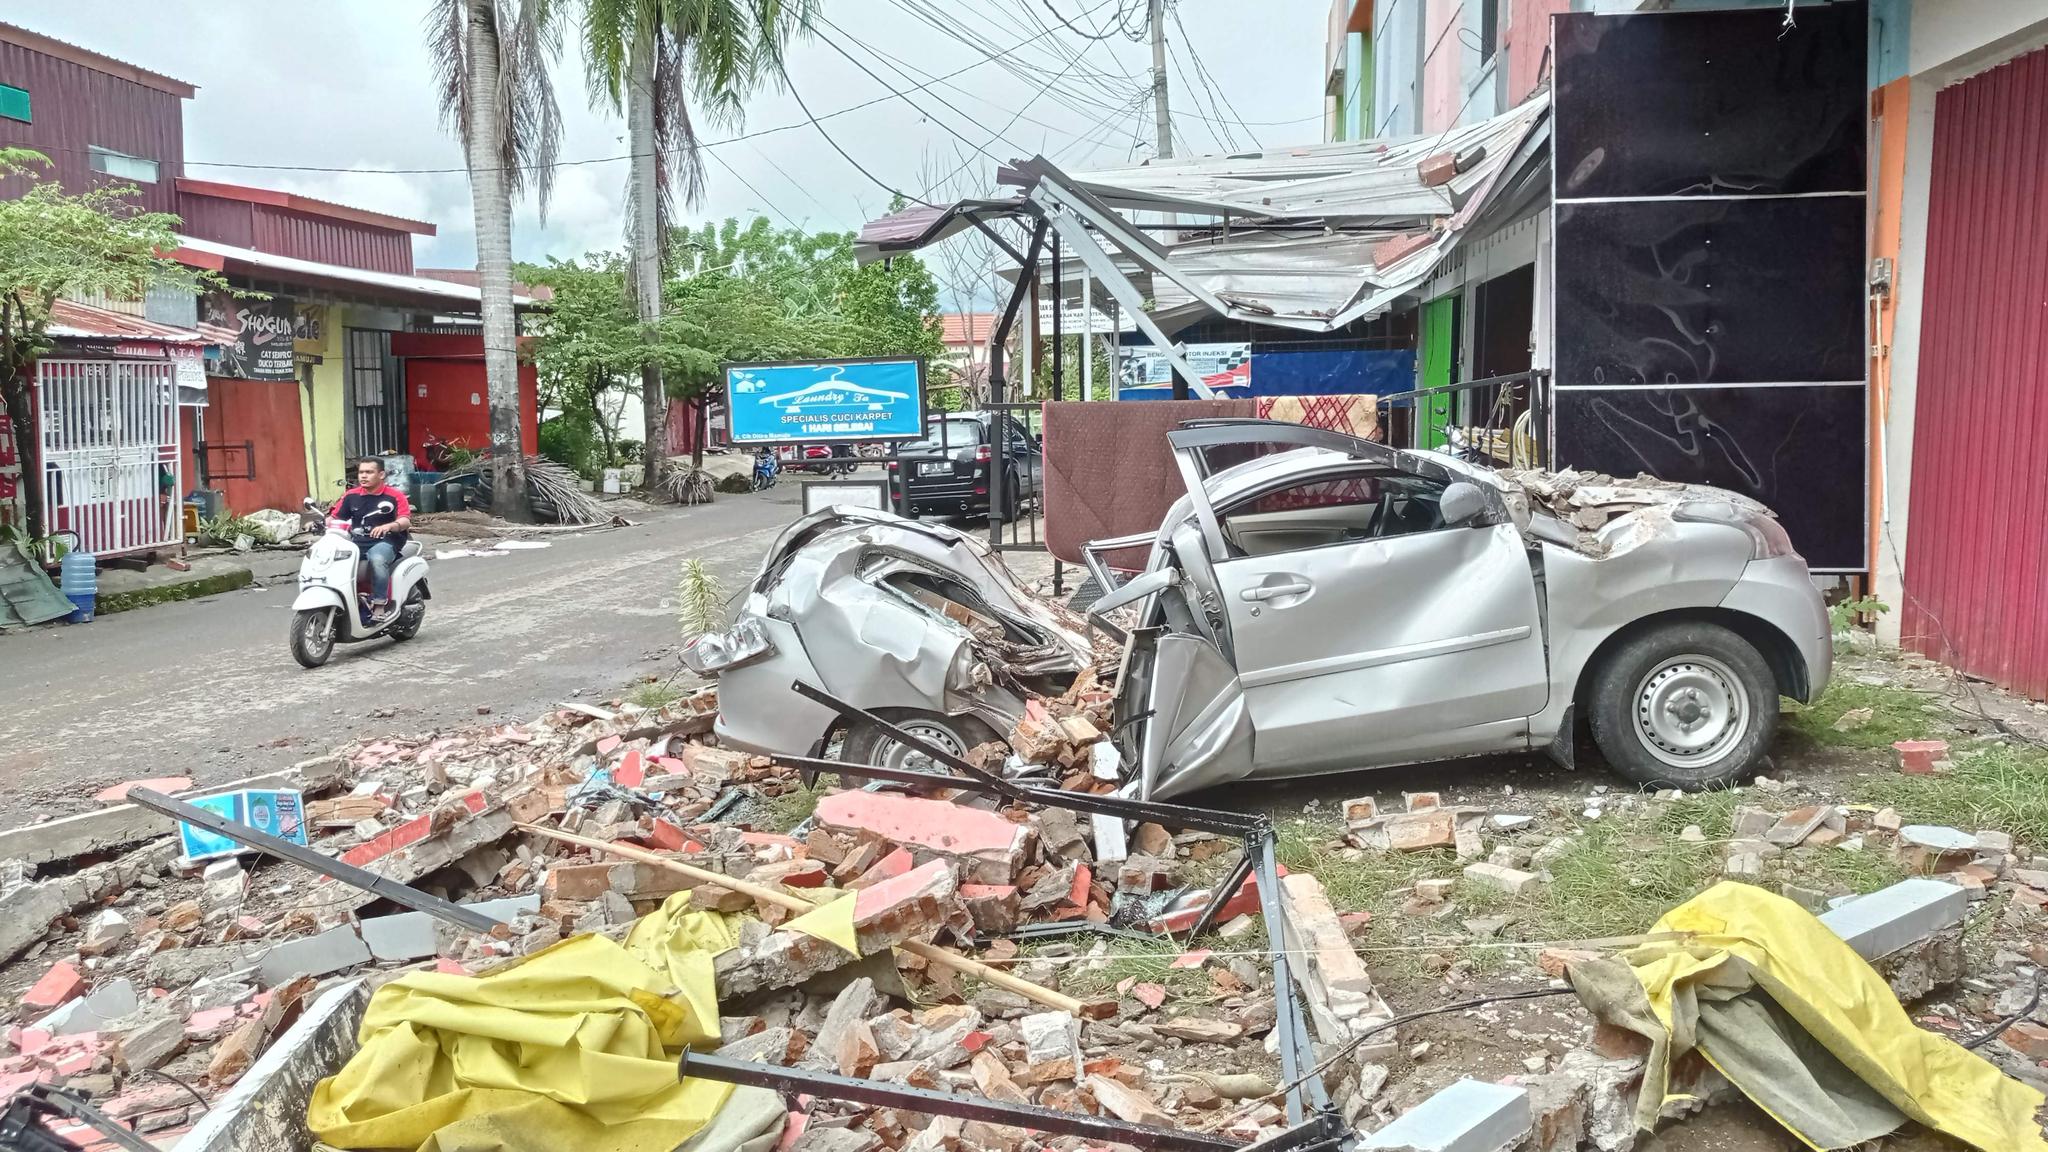 인도네시아 술라웨시섬 서부에서 15일(현지시간) 규모 6.2의 강진이 발생했다. AFP=연합뉴스